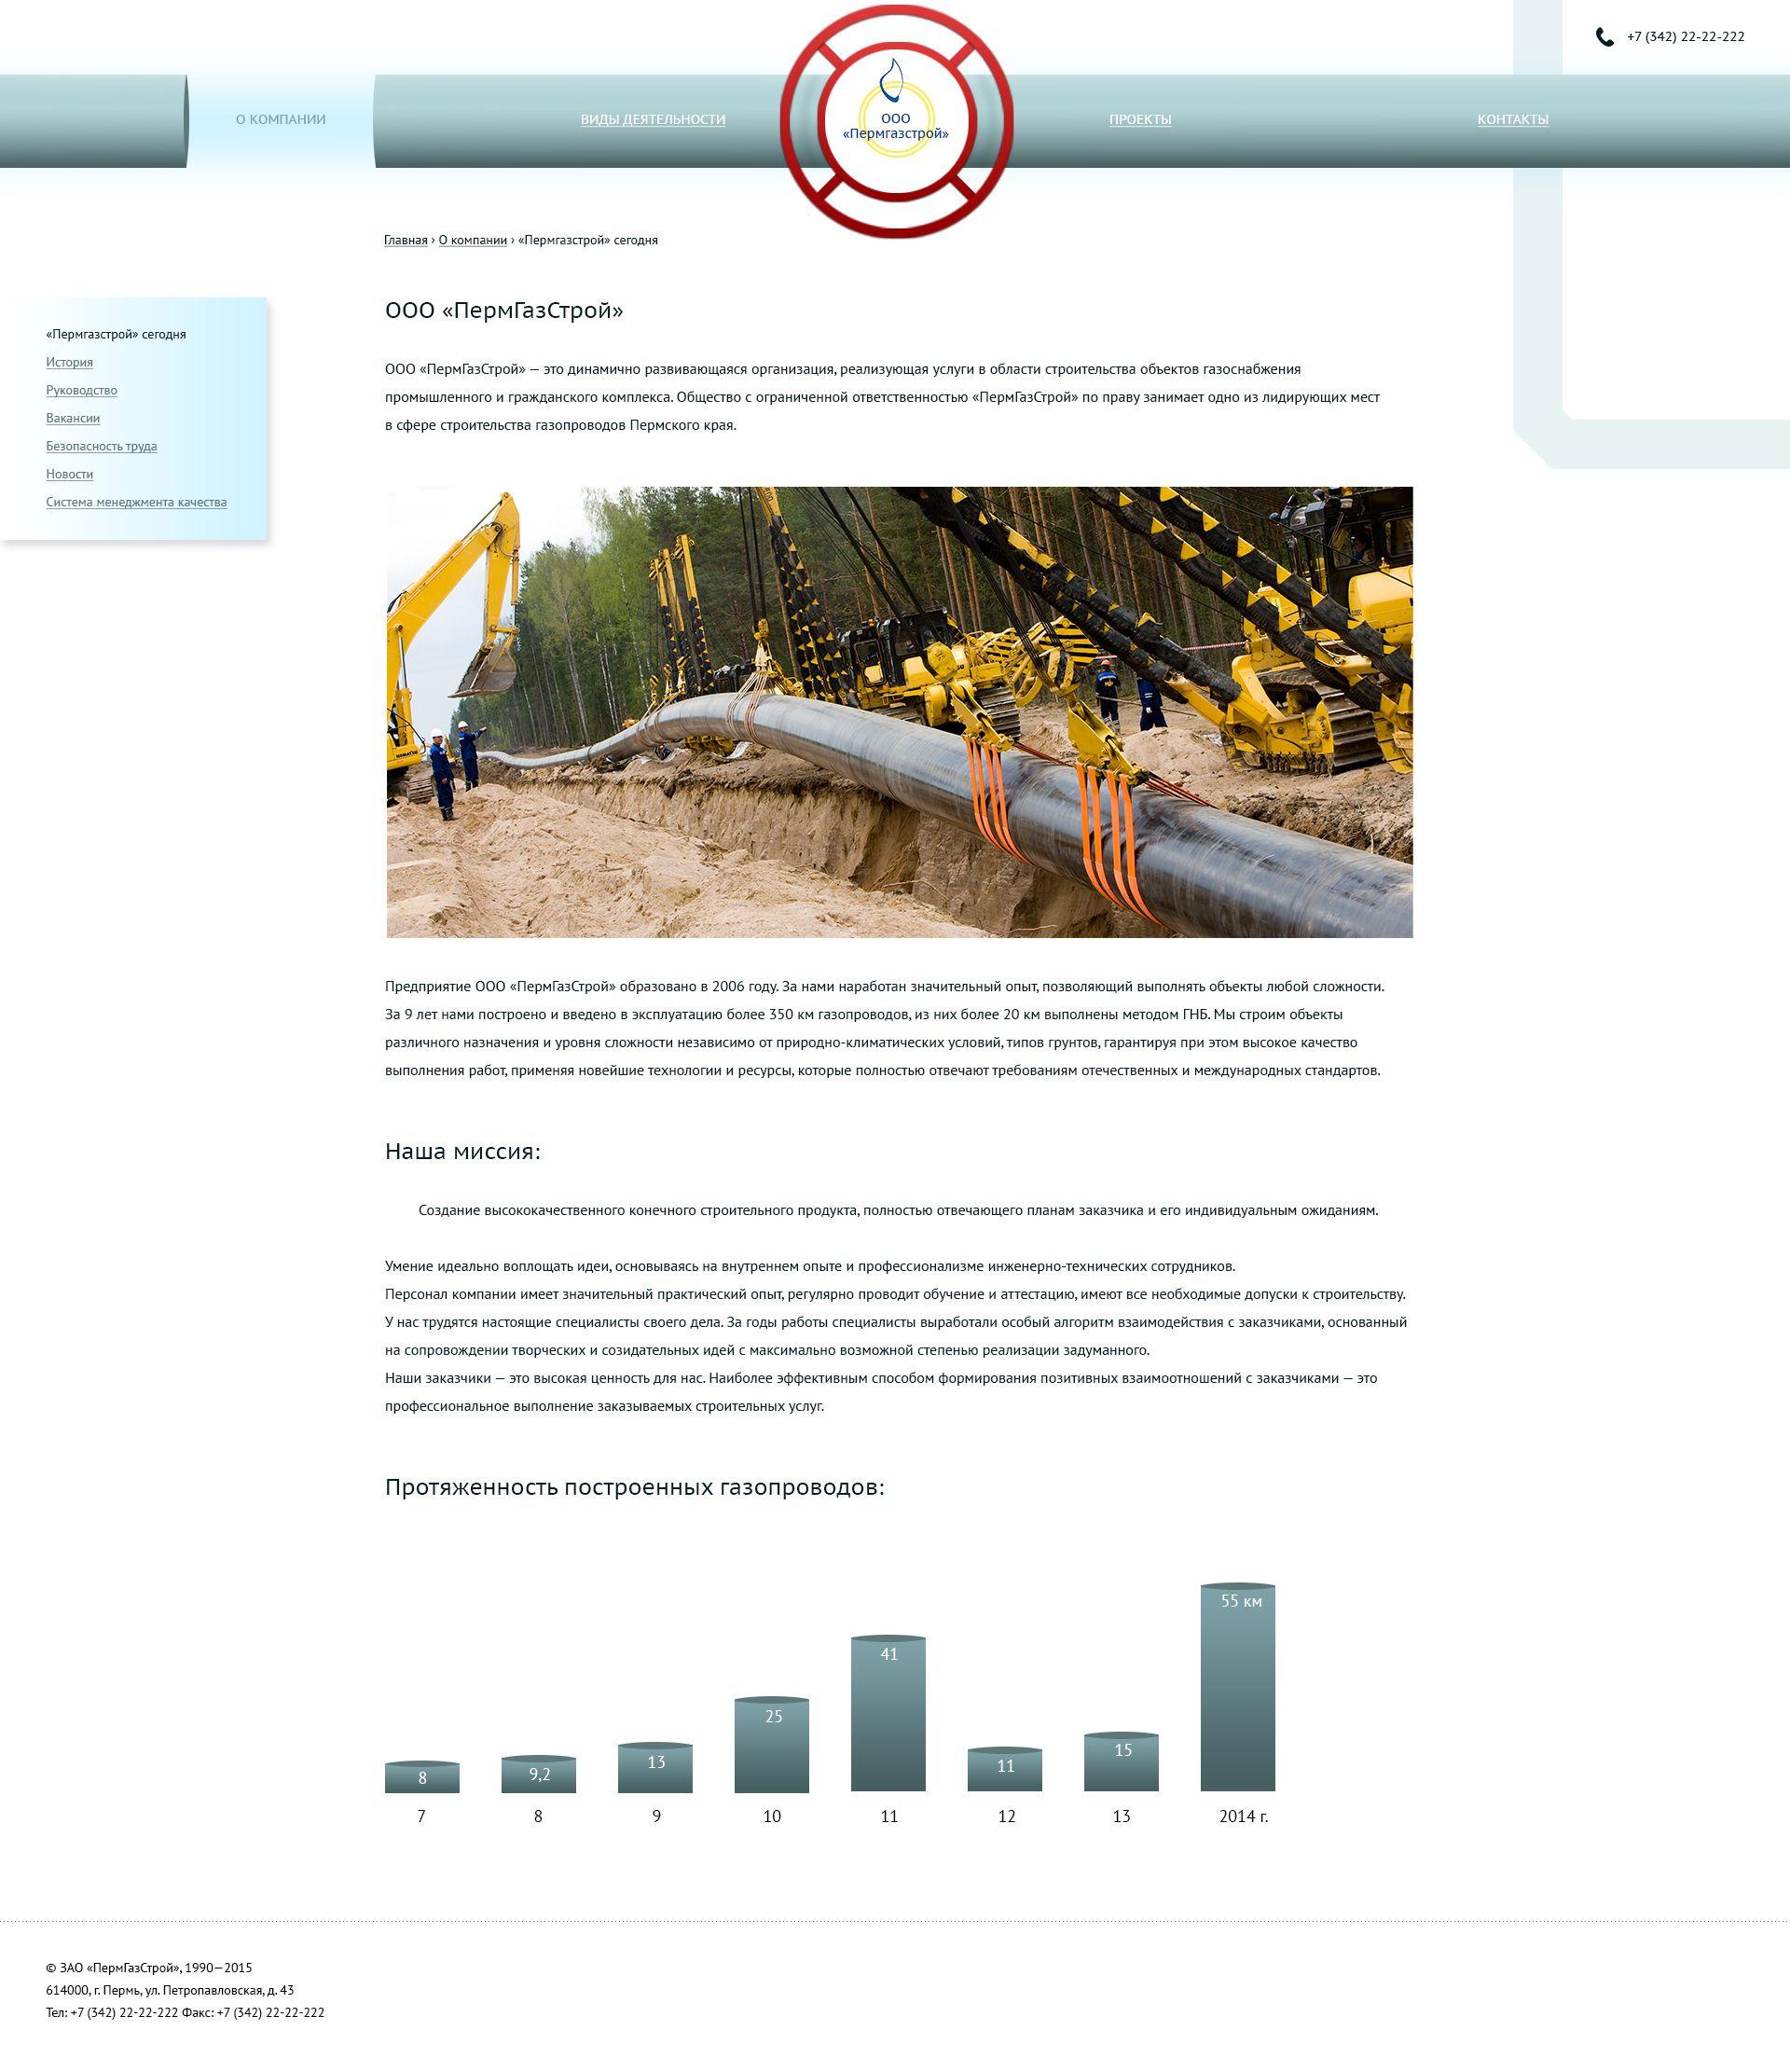 Дизайн корп. сайта - строительство газопроводов - дизайнер dimshevch